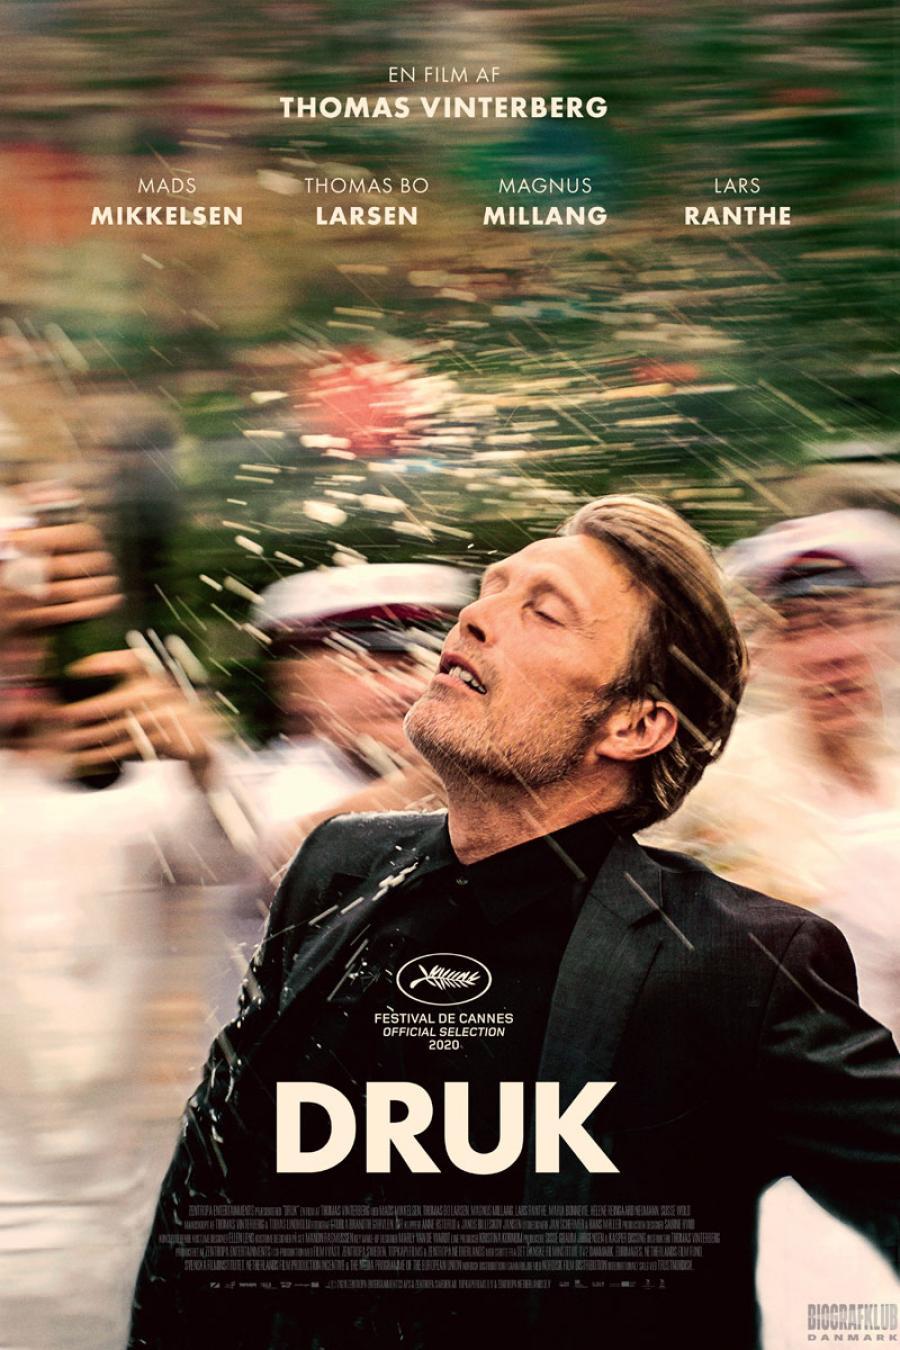 plakat fra filmen Druk